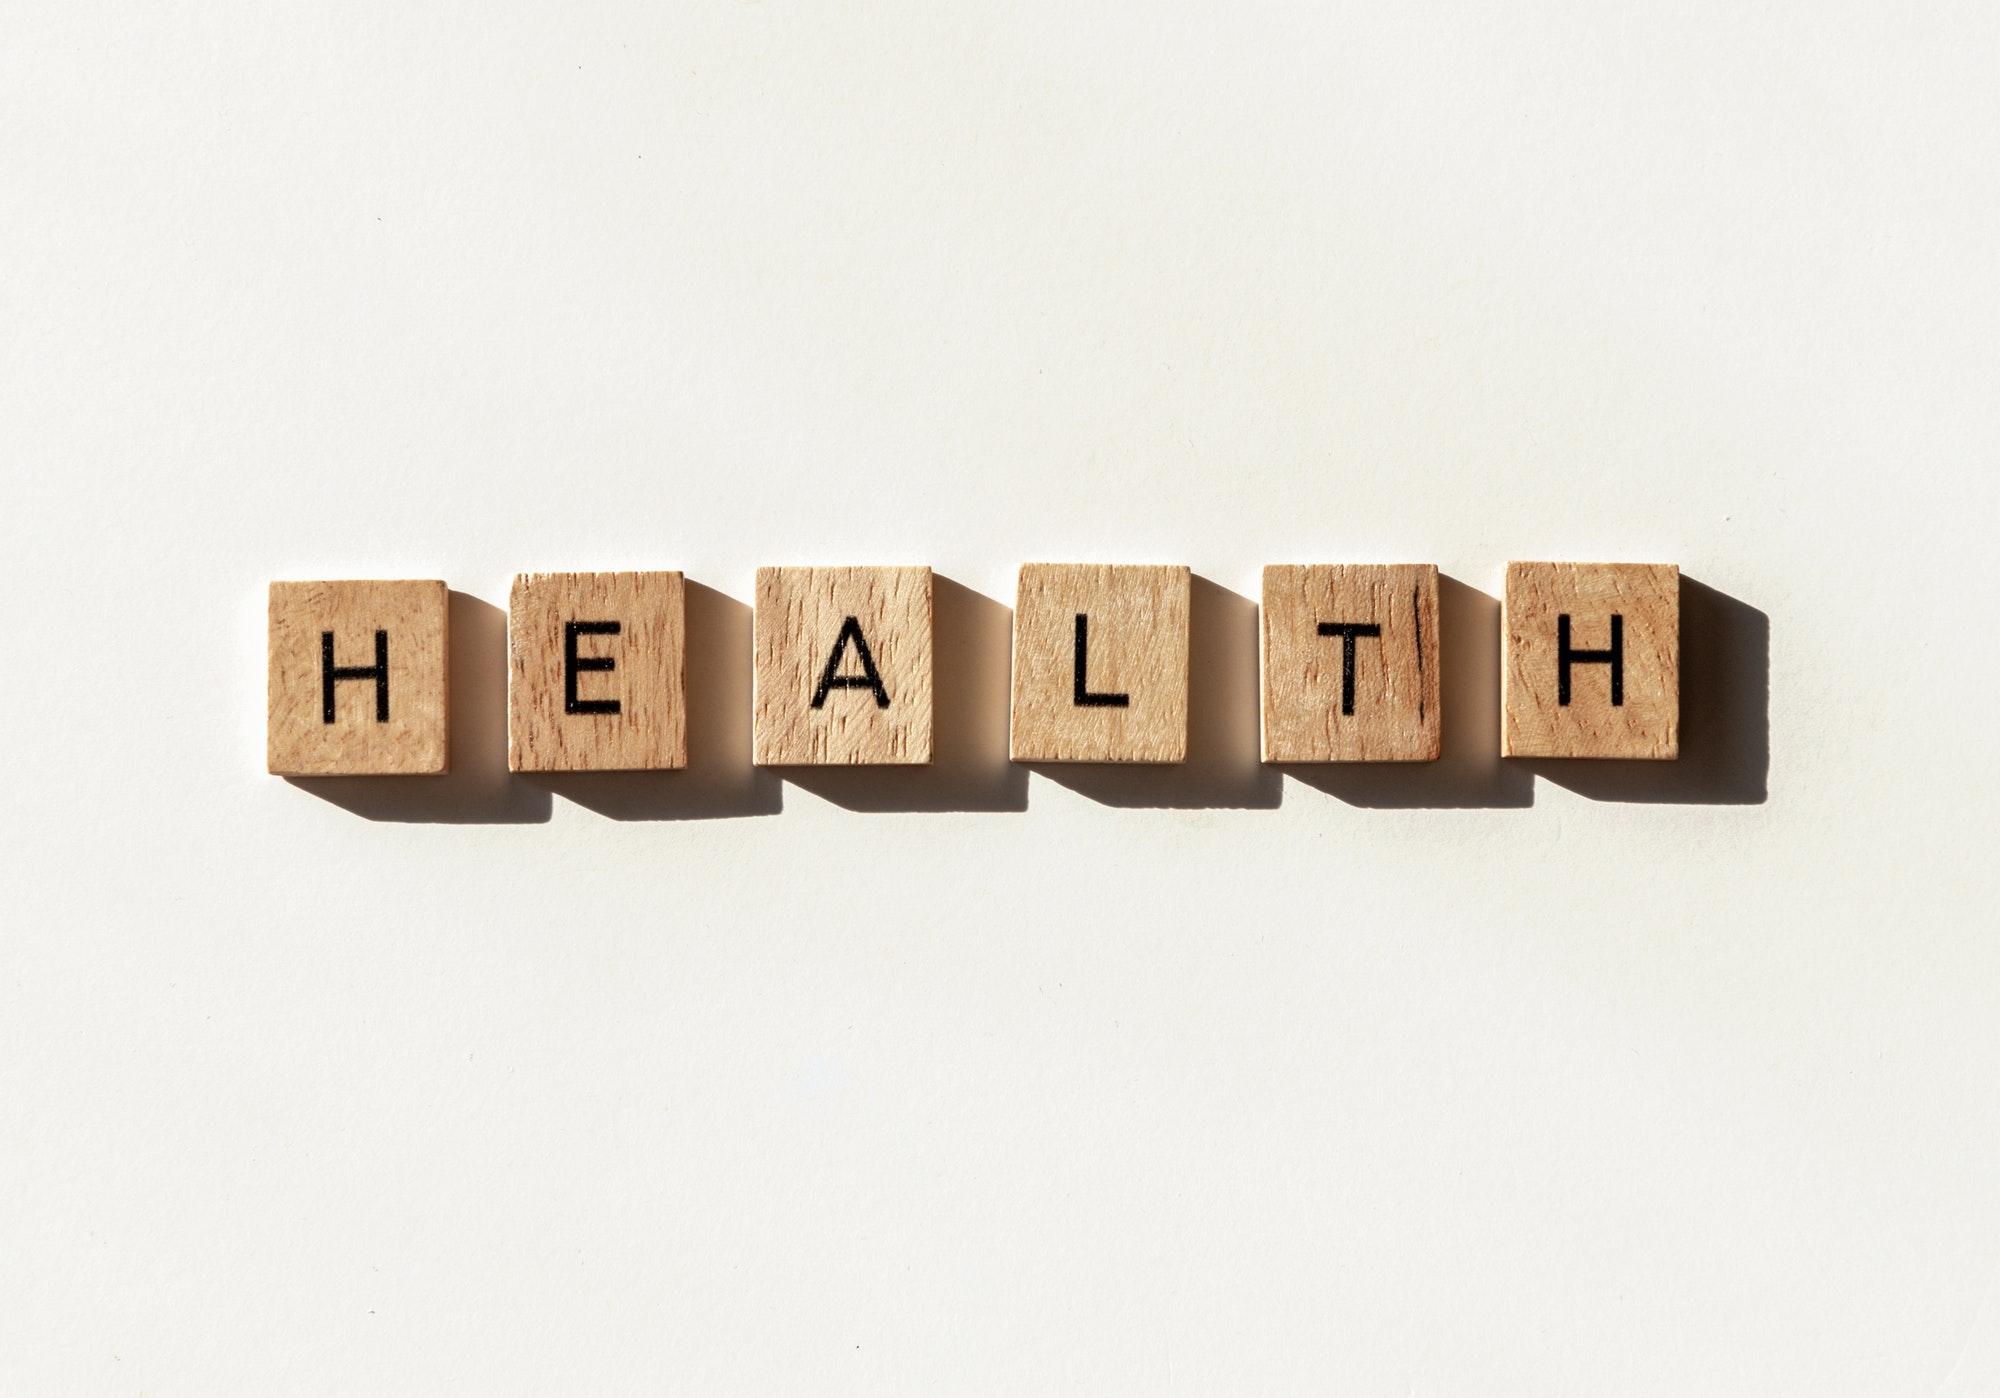 Health in letter tiles